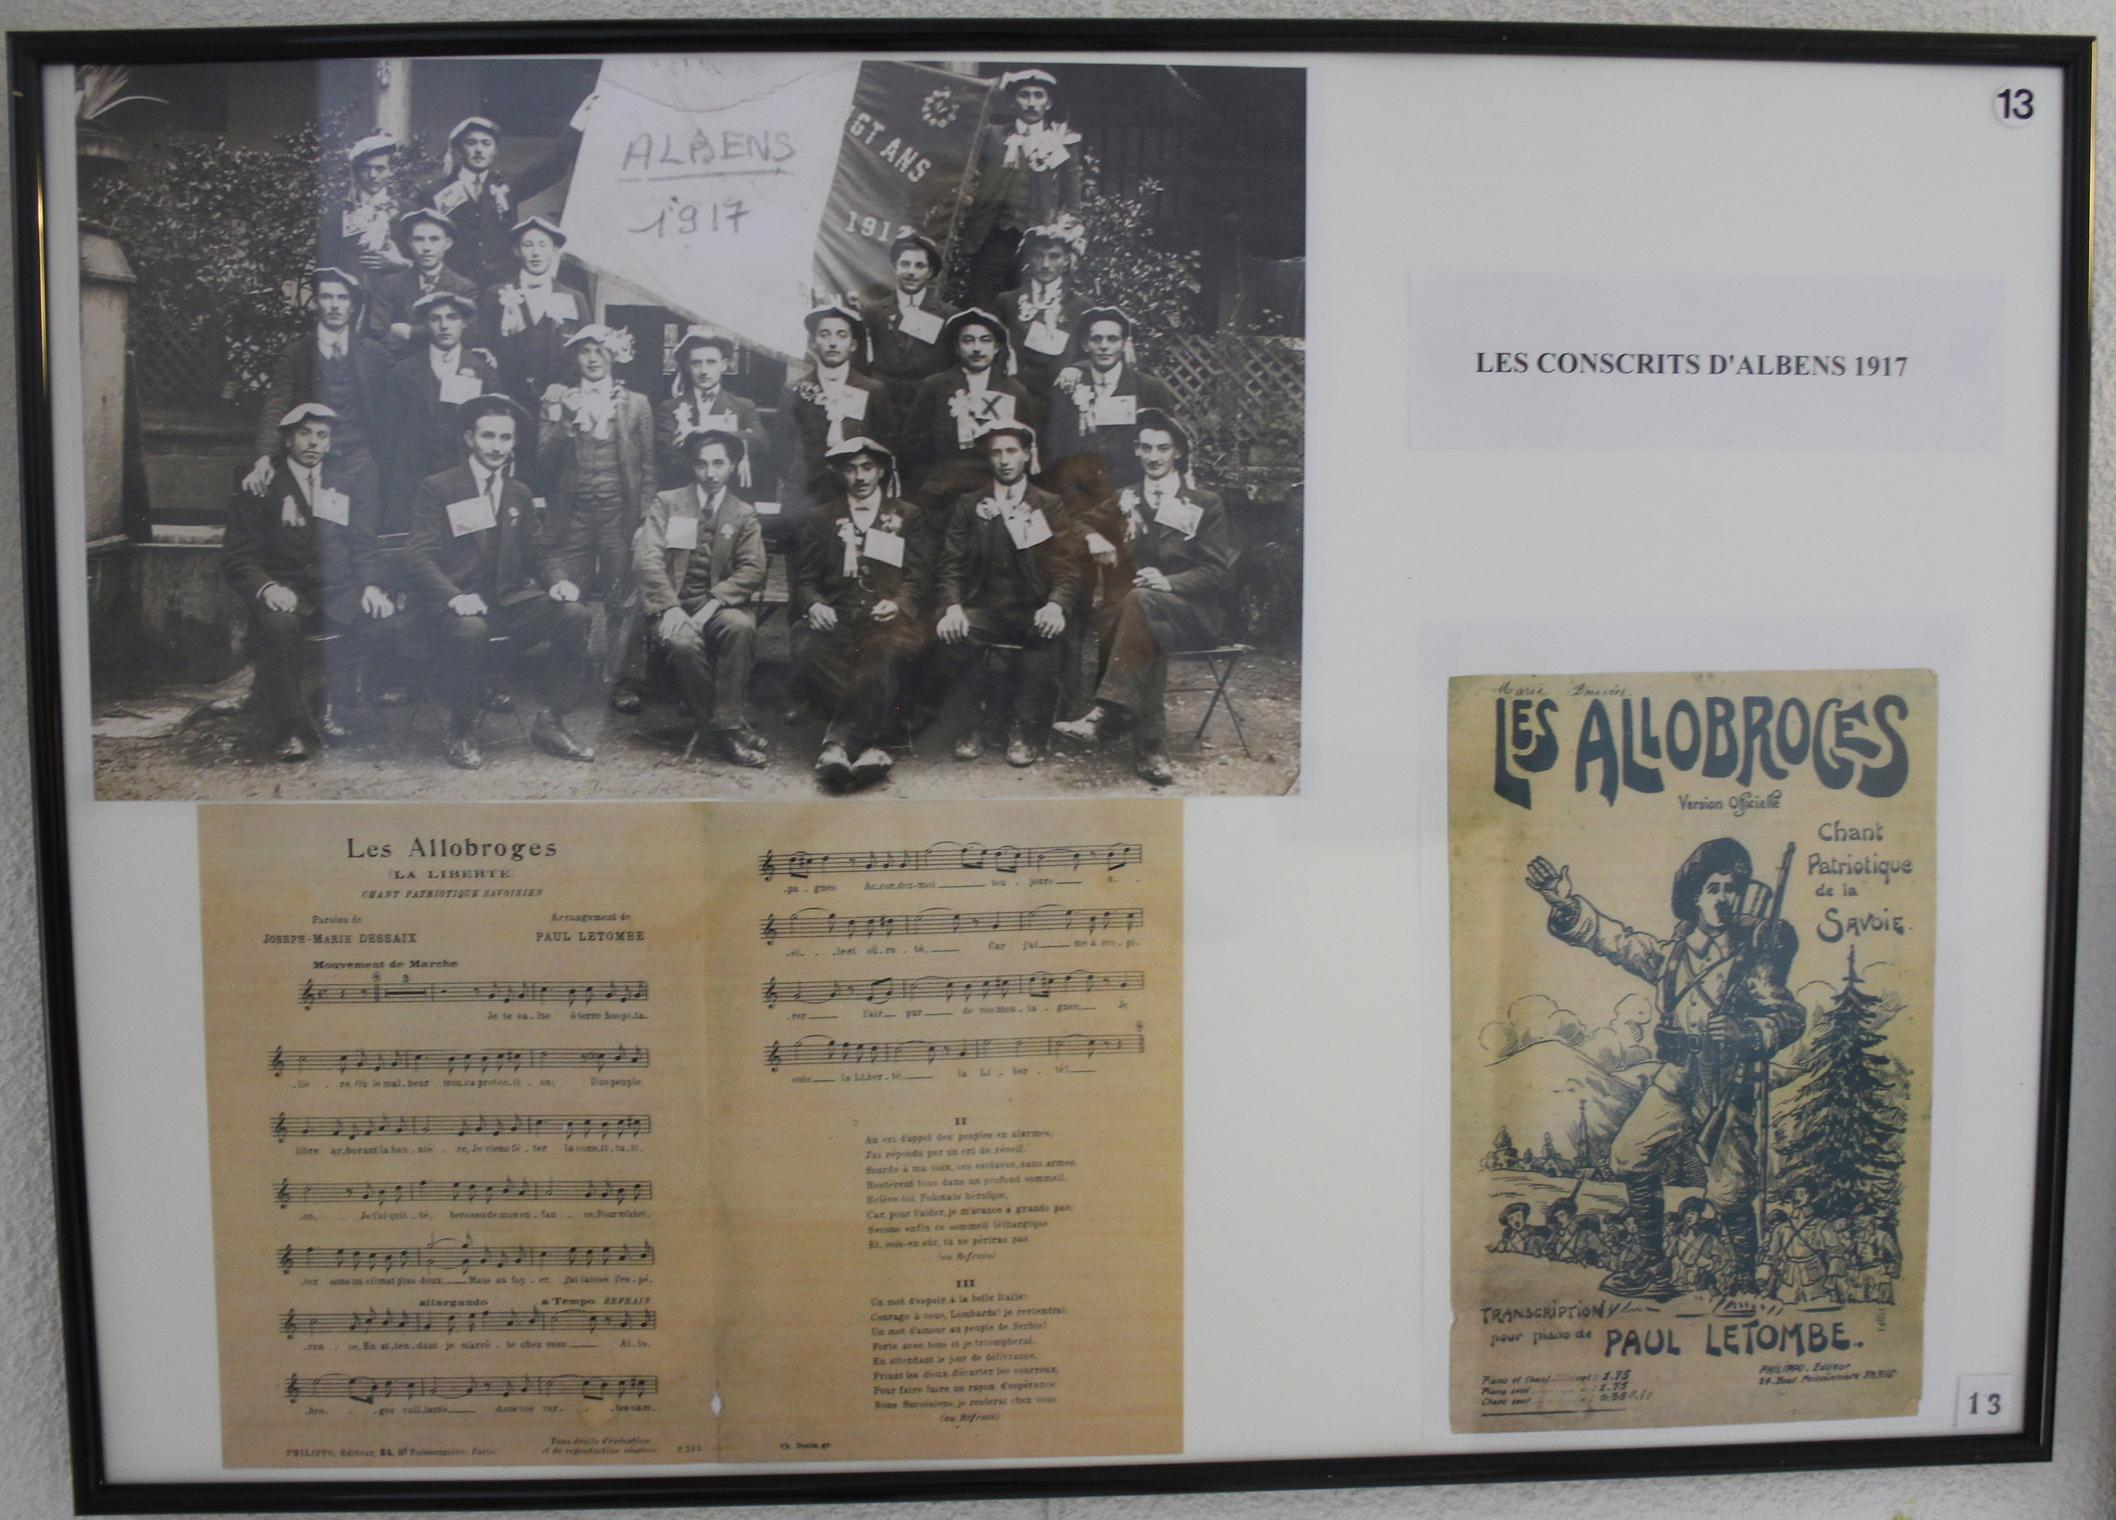 Les Conscrits d'Albens en 1917